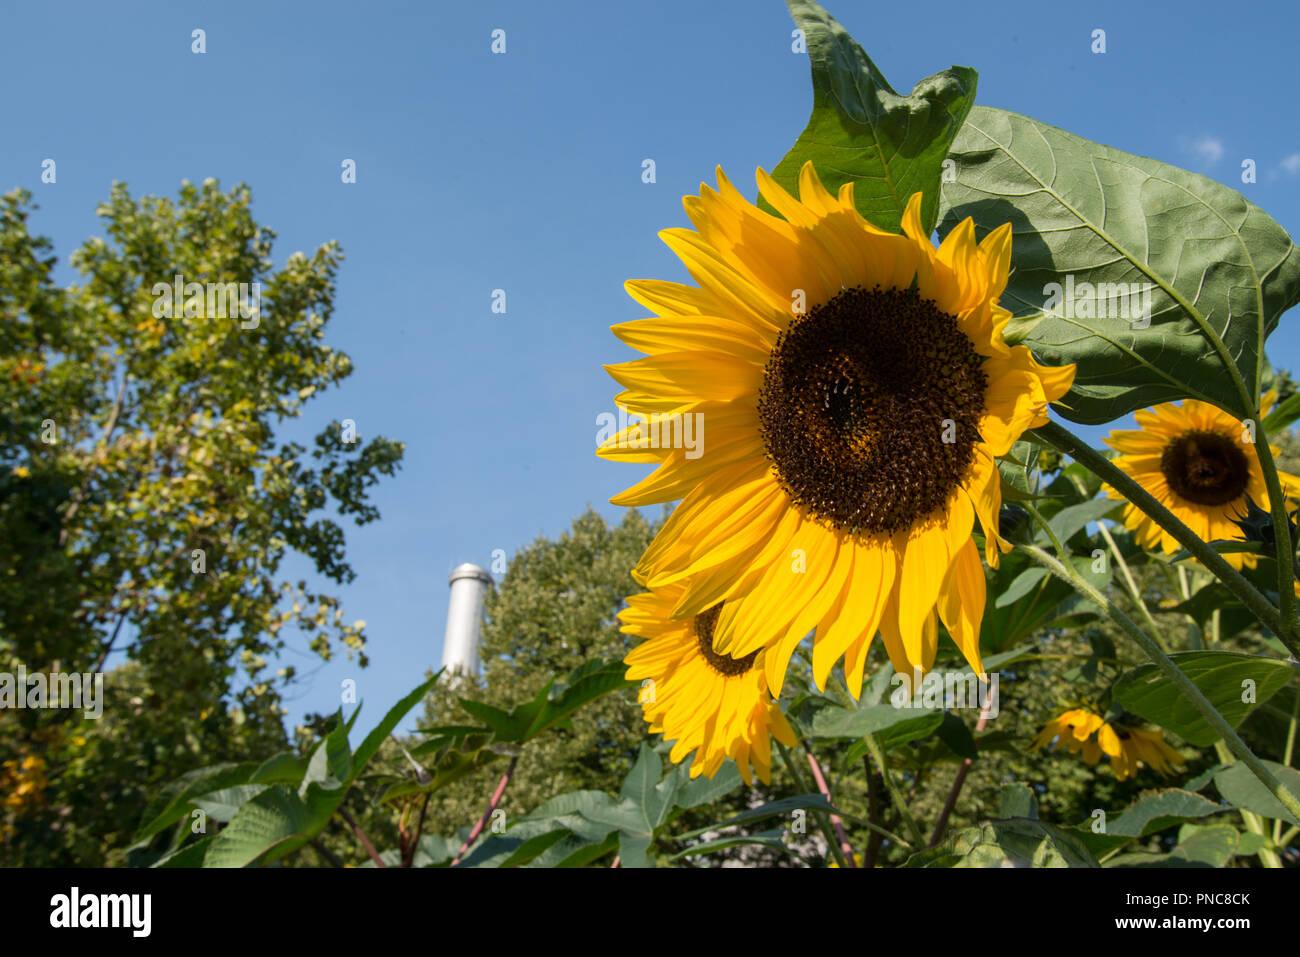 Sonnenblume vor Kraftwerk und Schornstein - Stock Image